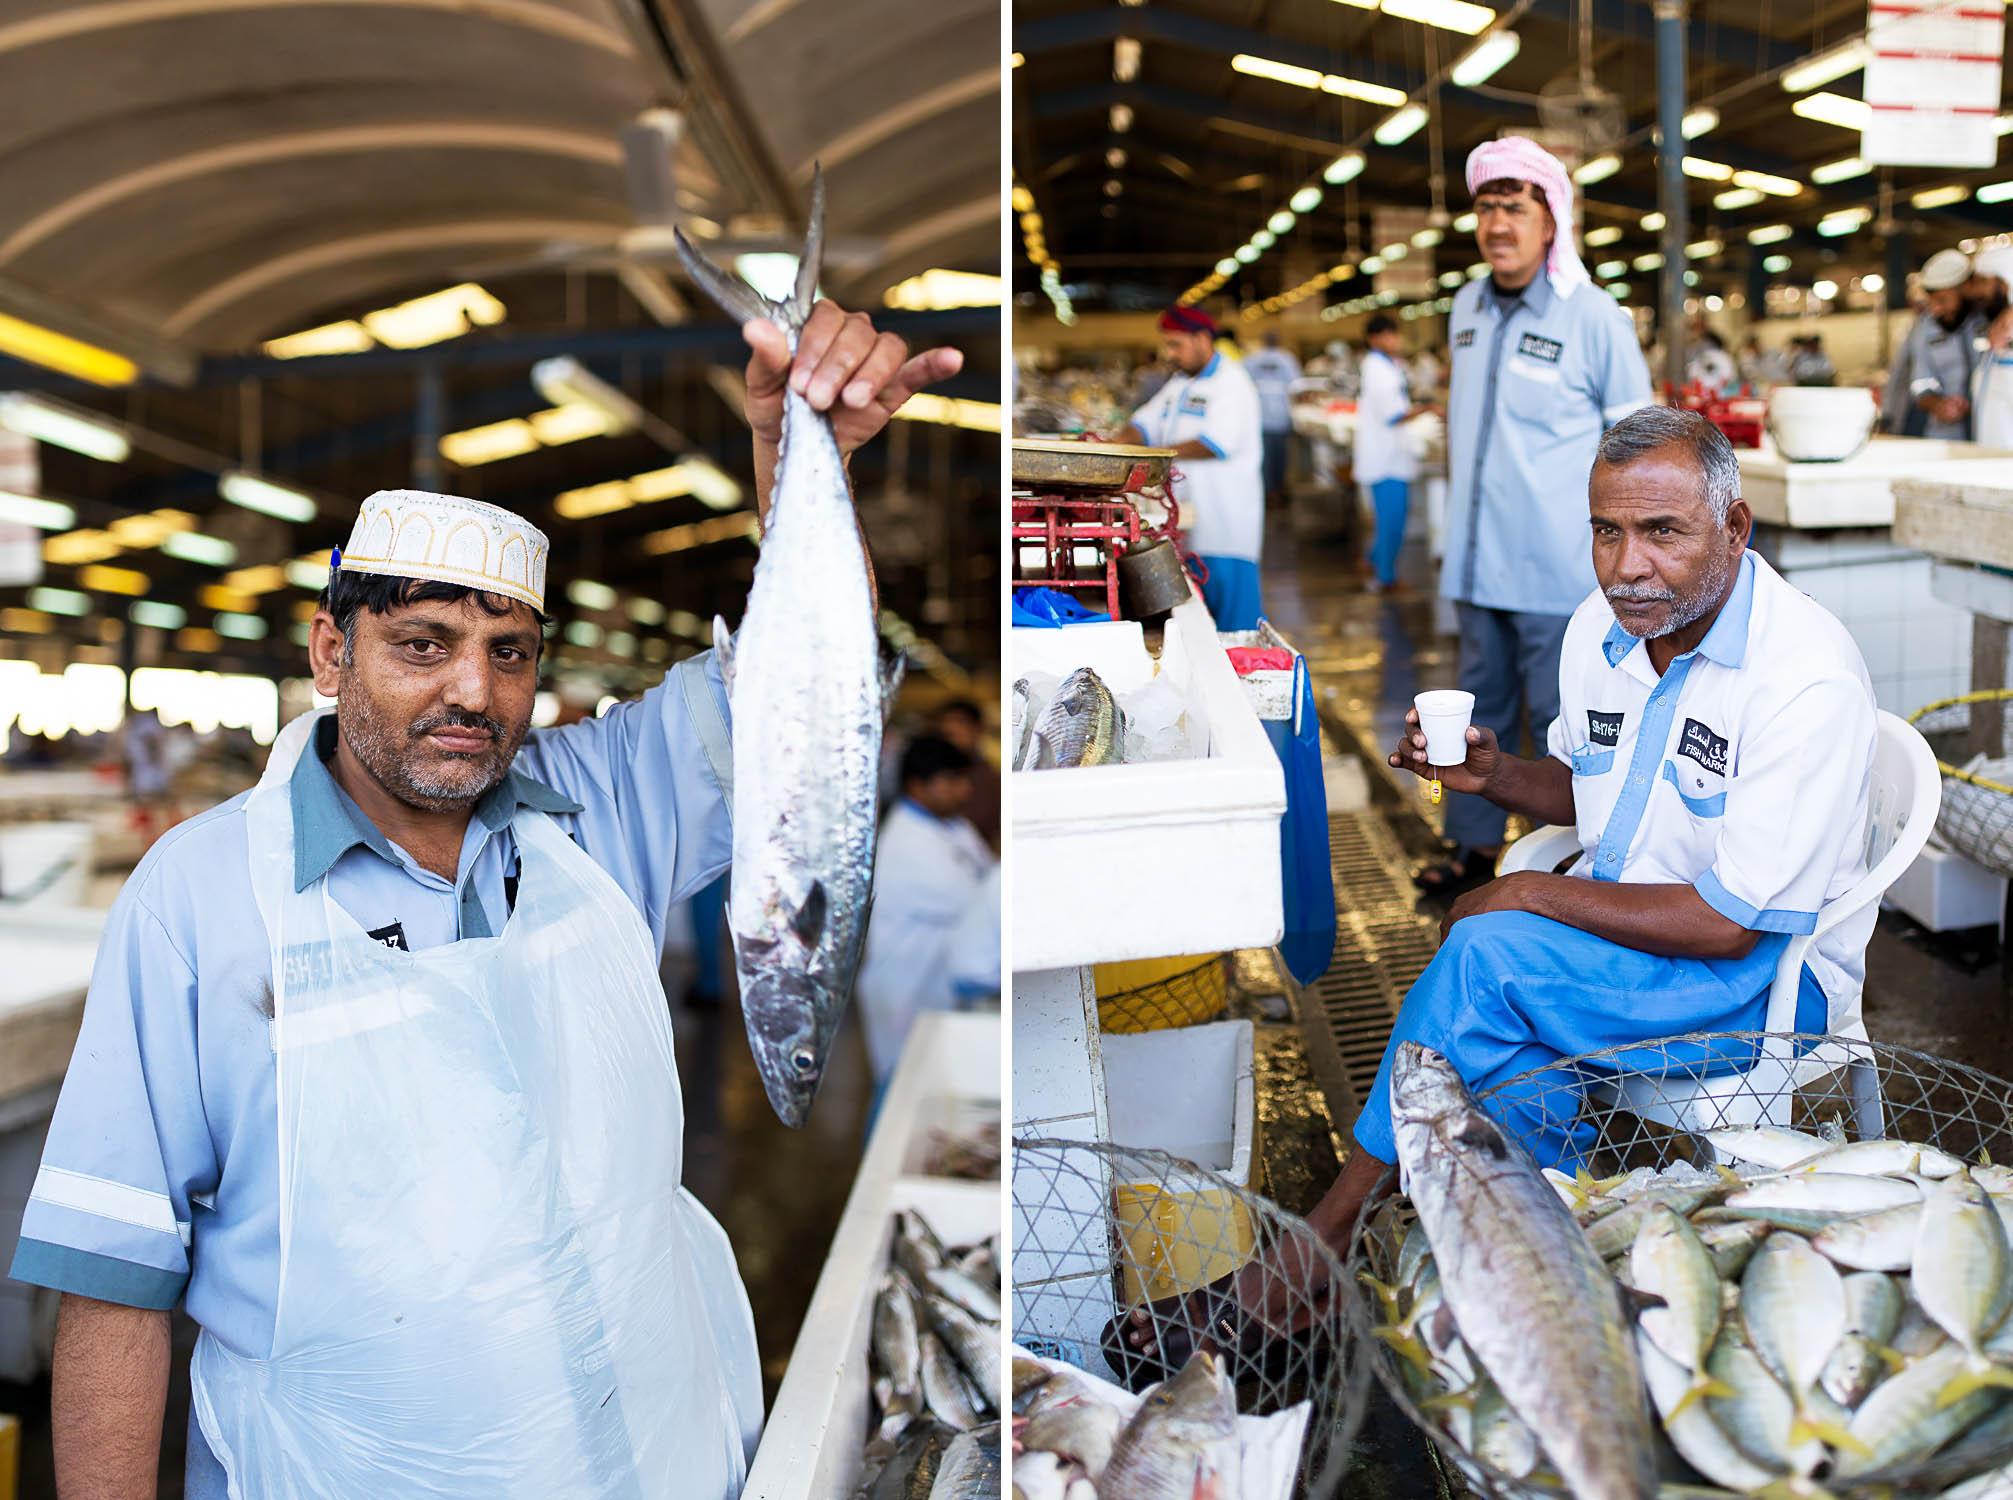 Fish Market - Frying Pan Adventures Food Tour - Dubai